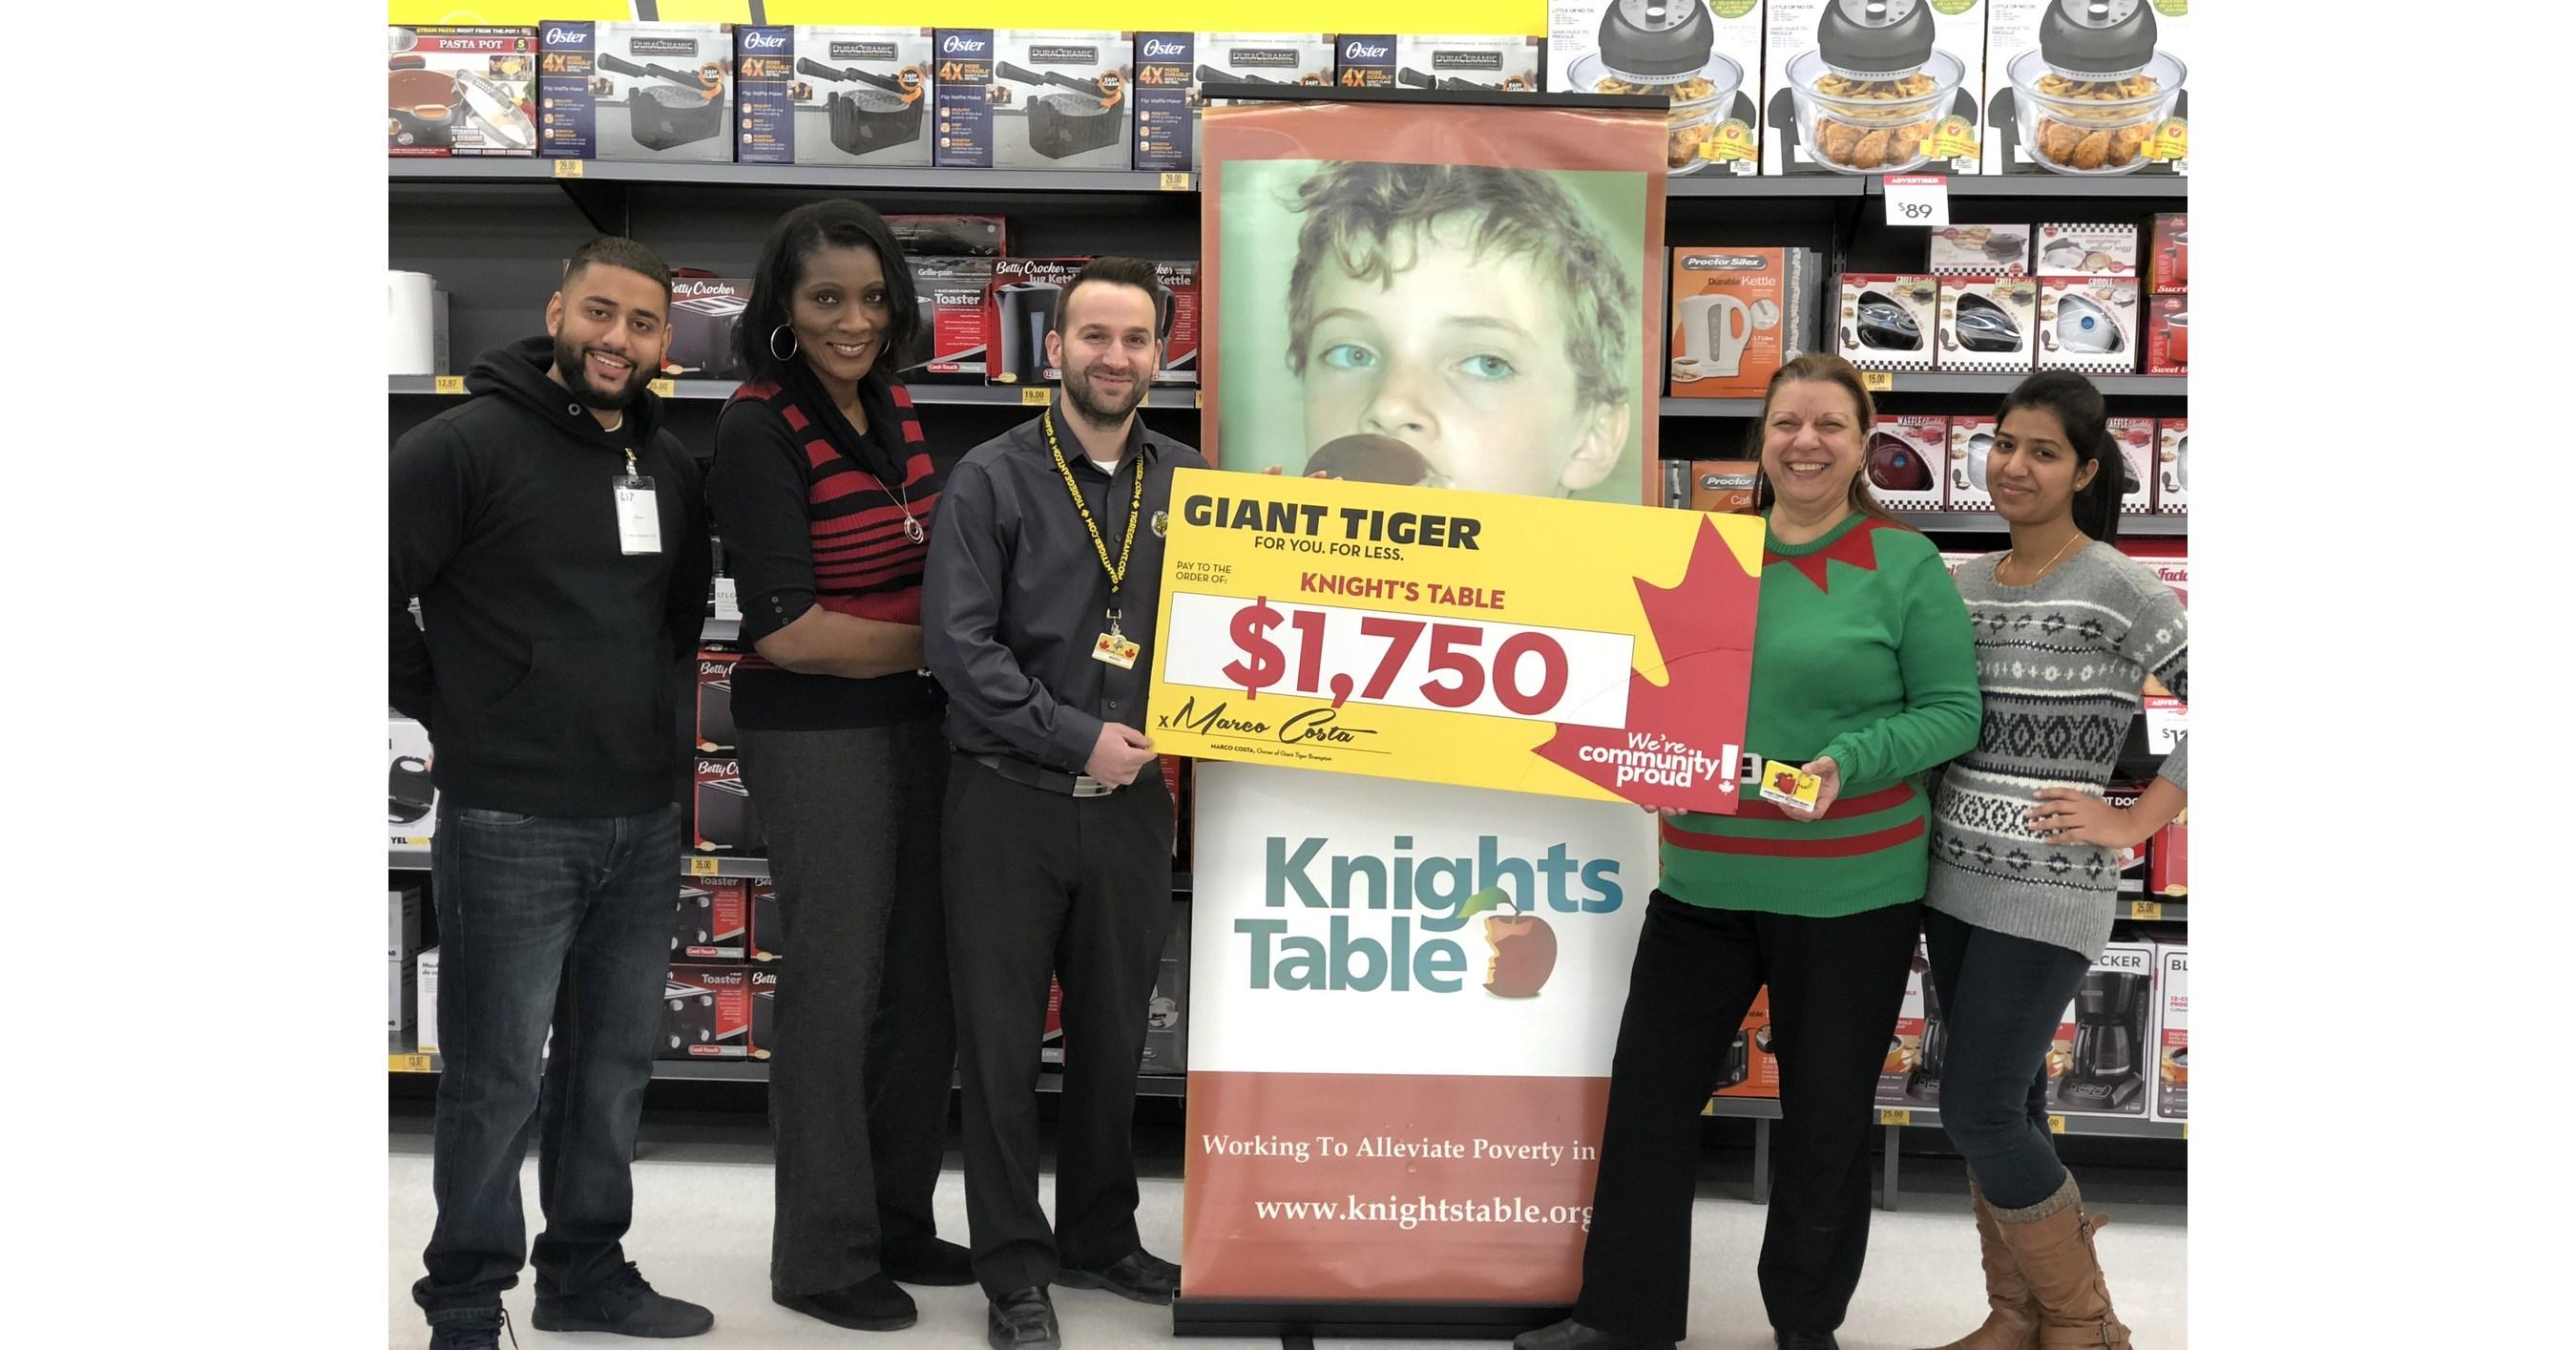 Giant tiger shop online